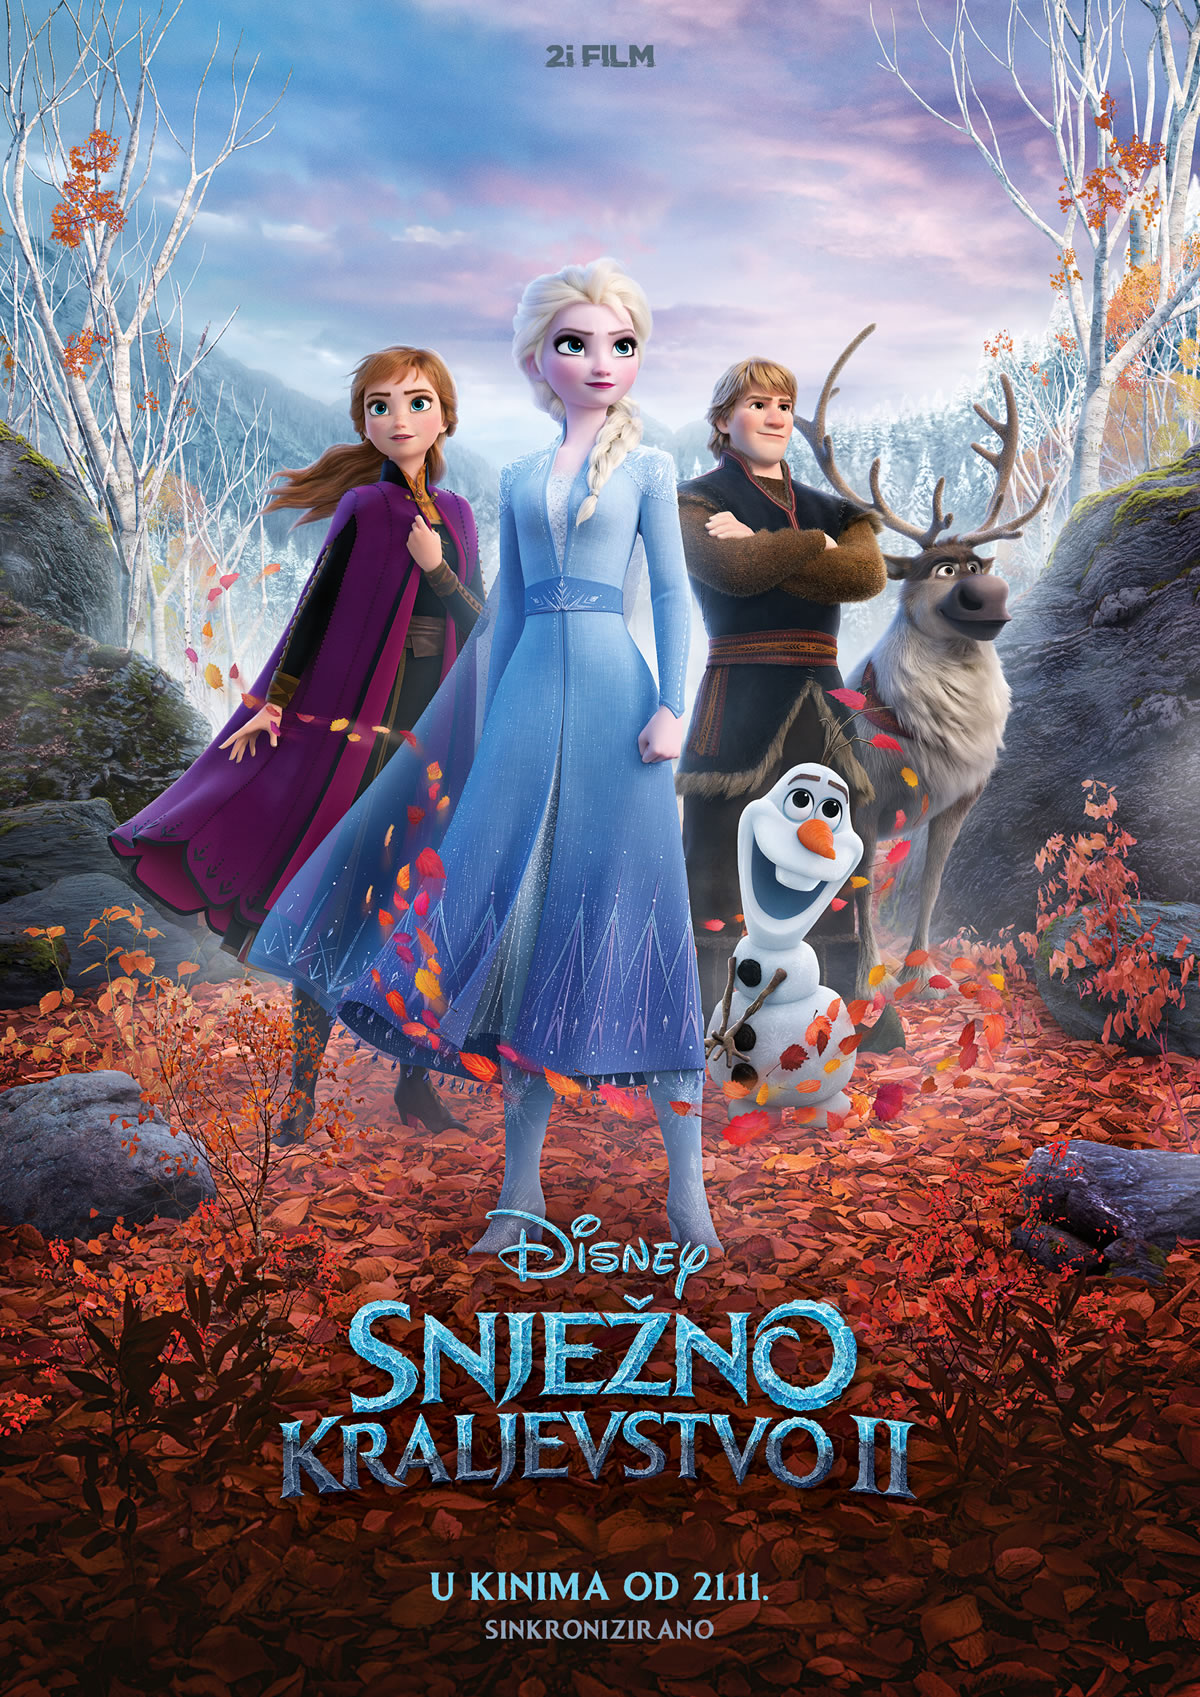 Snježno kraljevstvo 2 / Frozen 2